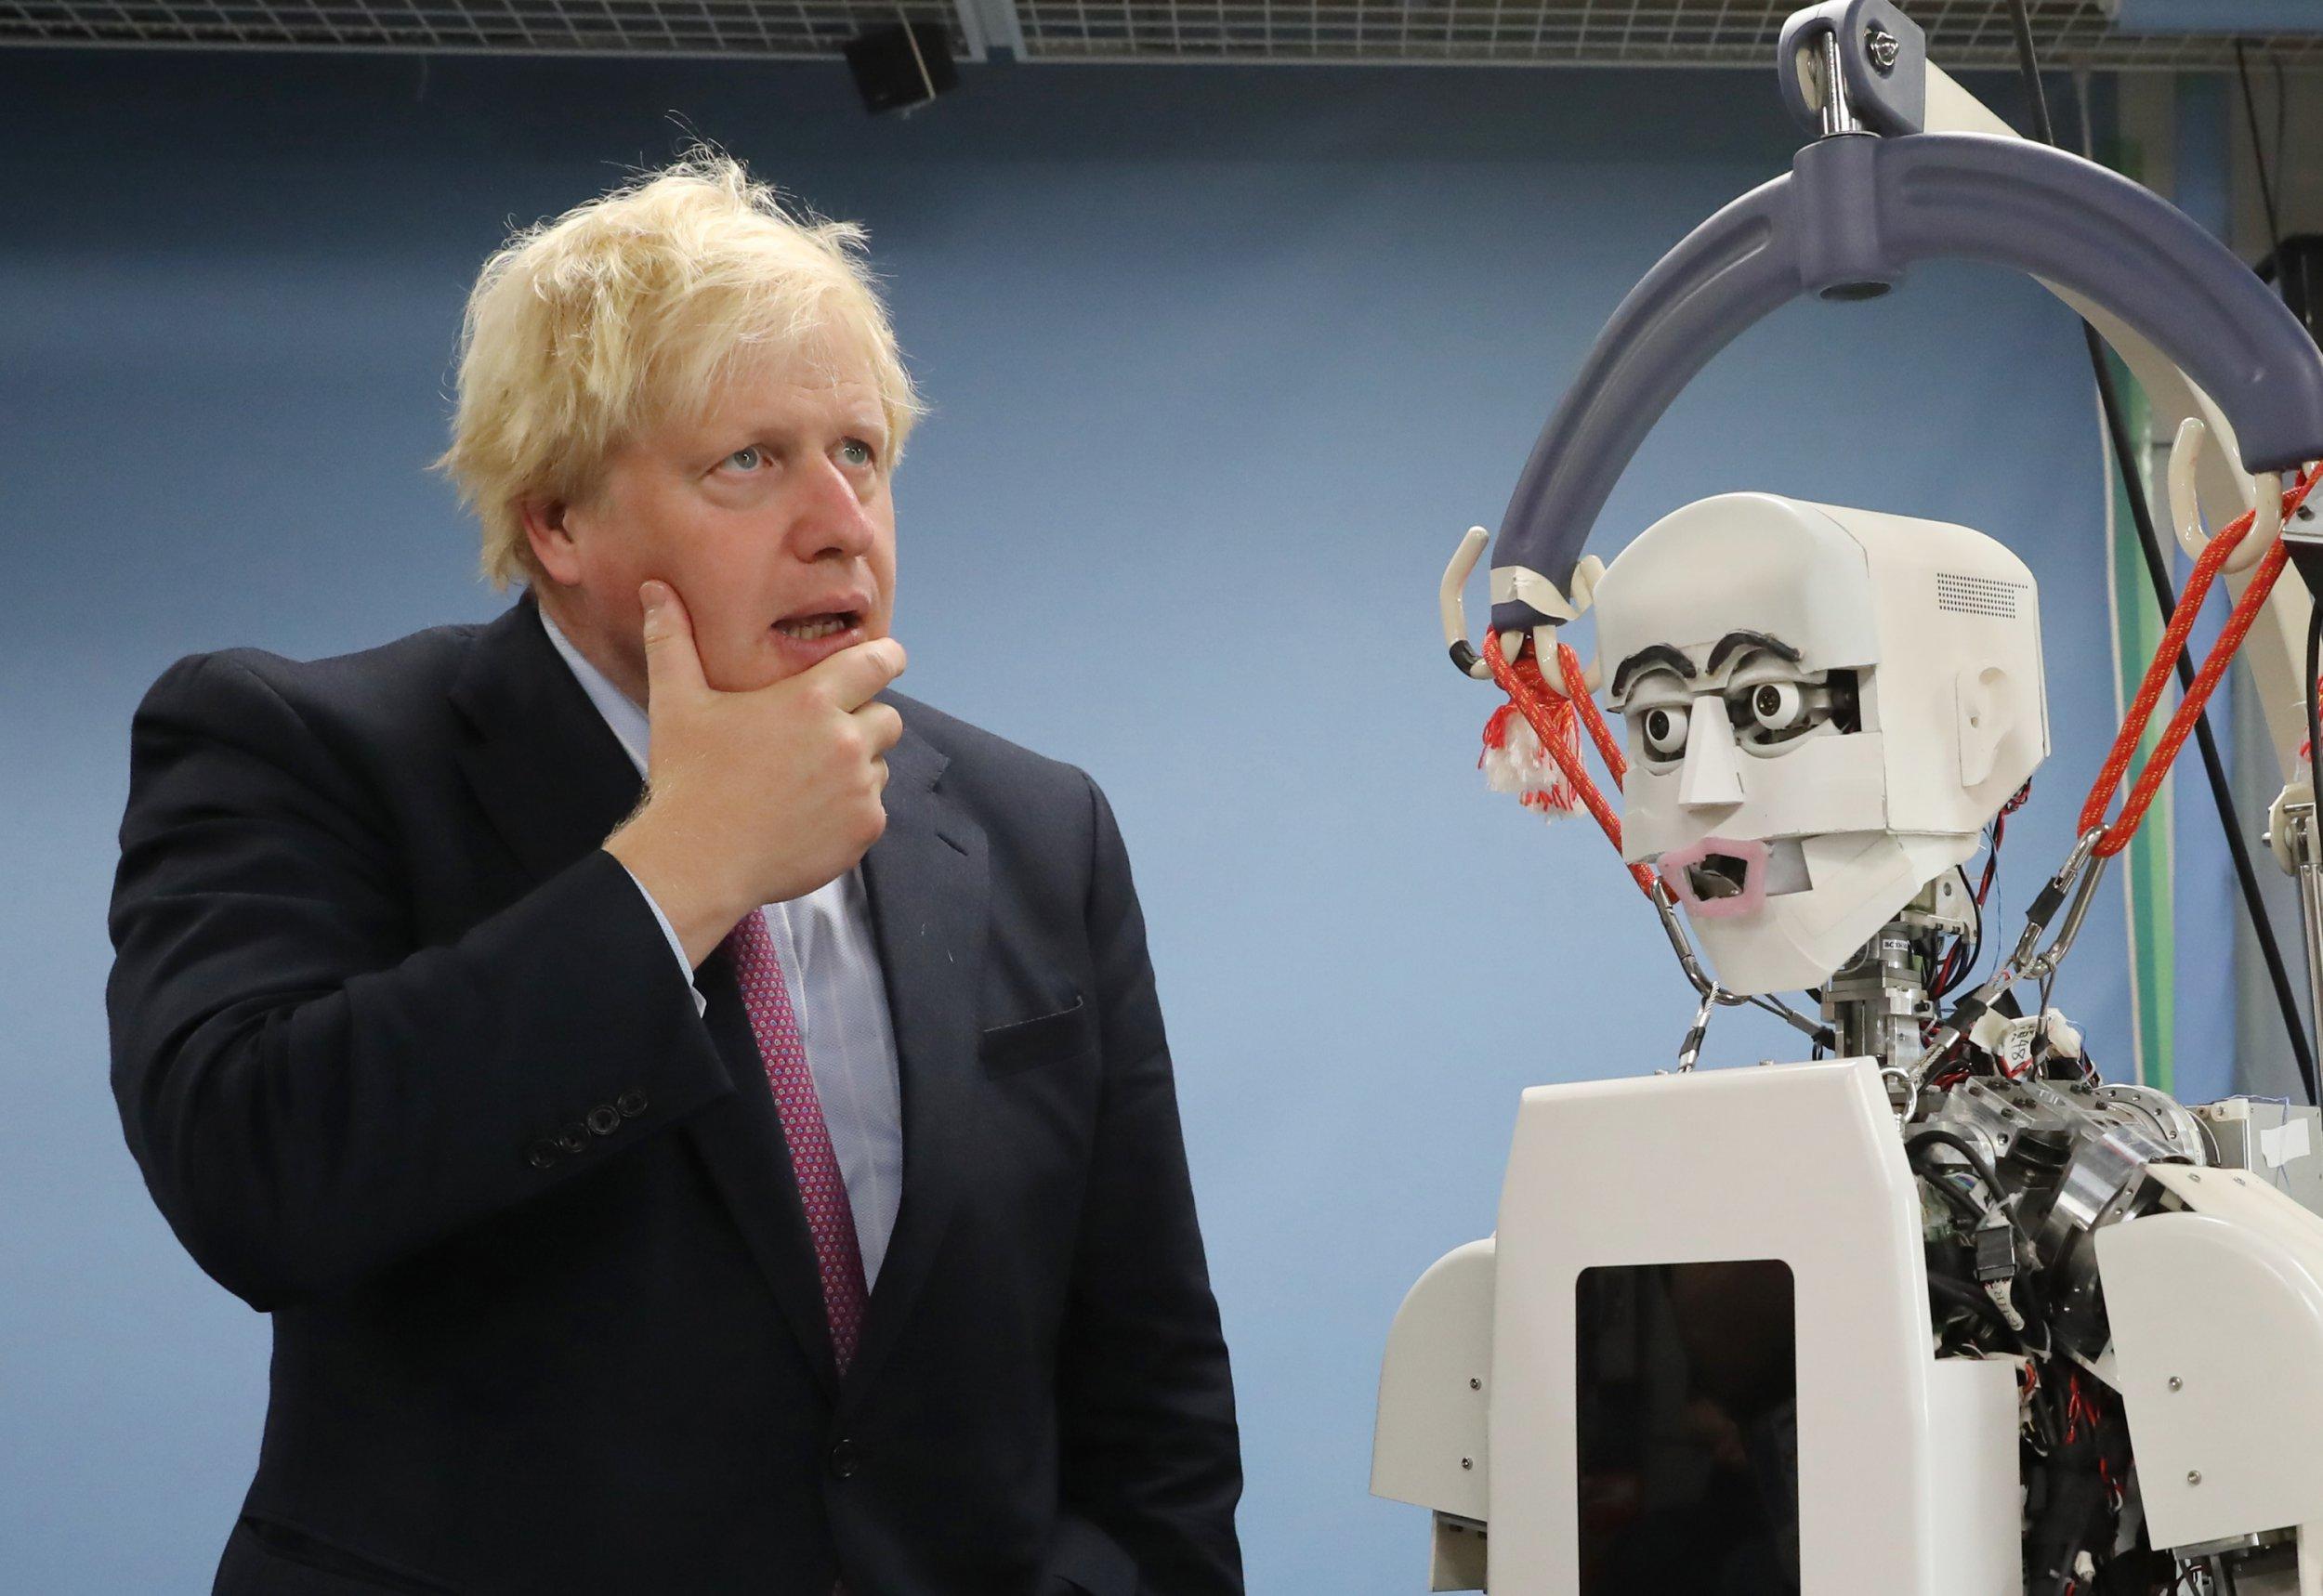 Boris Johnson meets 'humanoid robot' in Japan